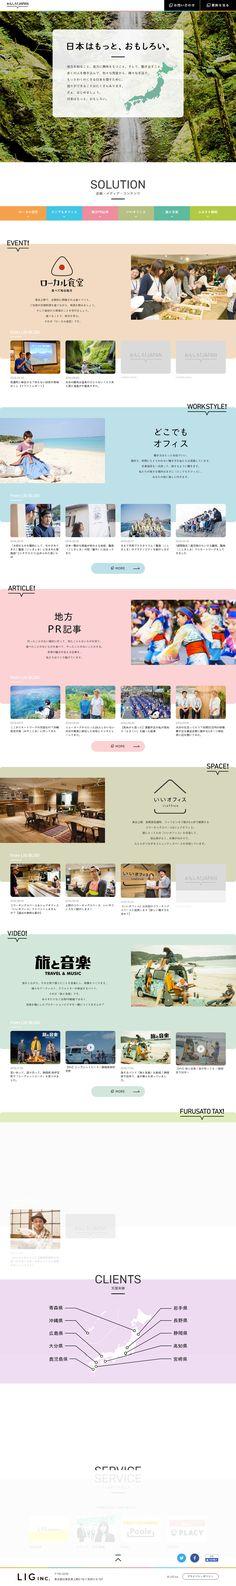 おもしろ!JAPAN【サービス関連】のLPデザイン。WEBデザイナーさん必見!ランディングページのデザイン参考に(キレイ系)